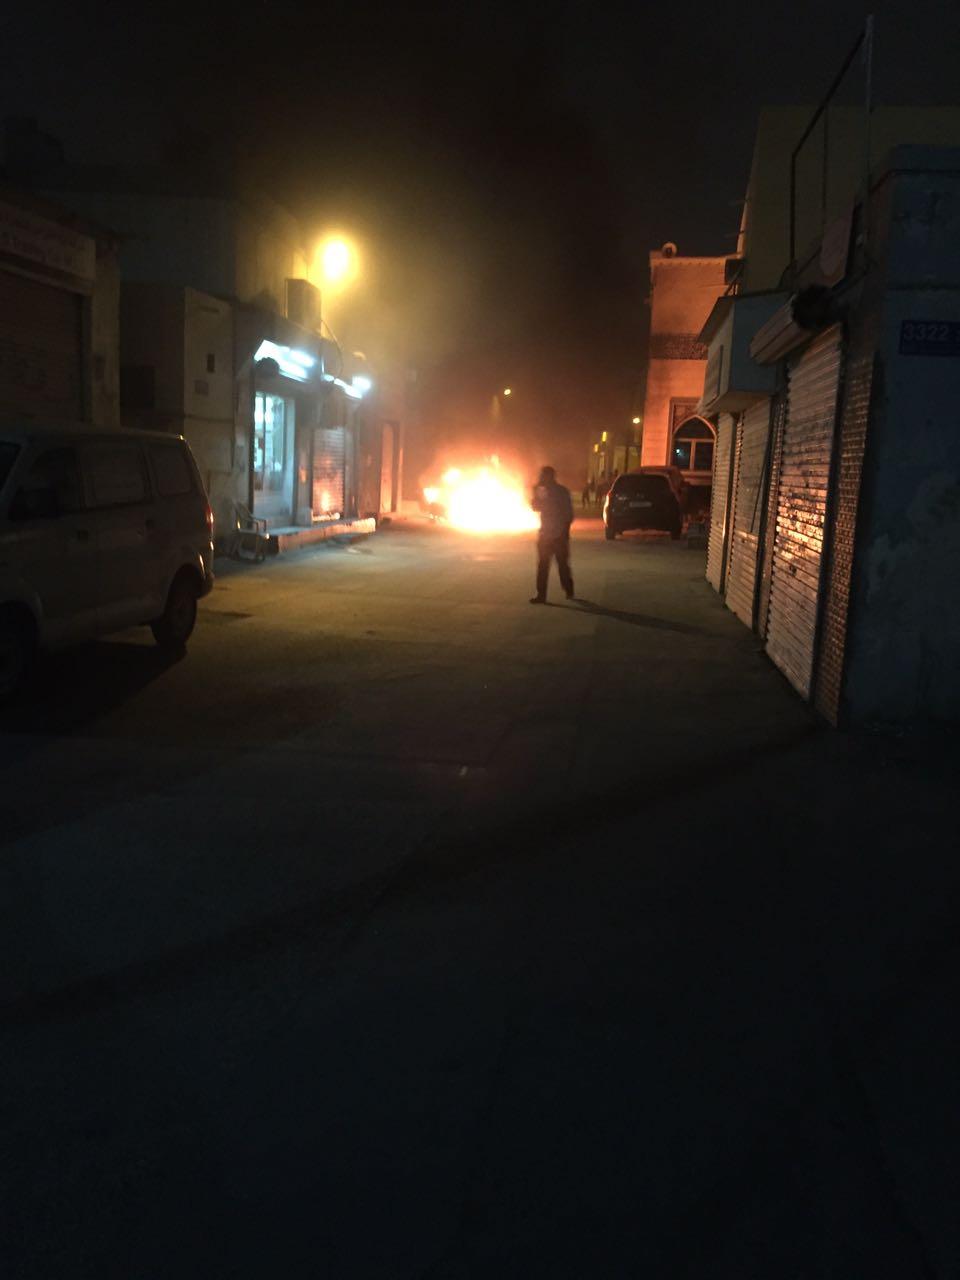 صورة تناقلت عبر وسائل التواصل الاجتماعي للحريق الذي تعرضت له سيارة النائب محمد ميلاد